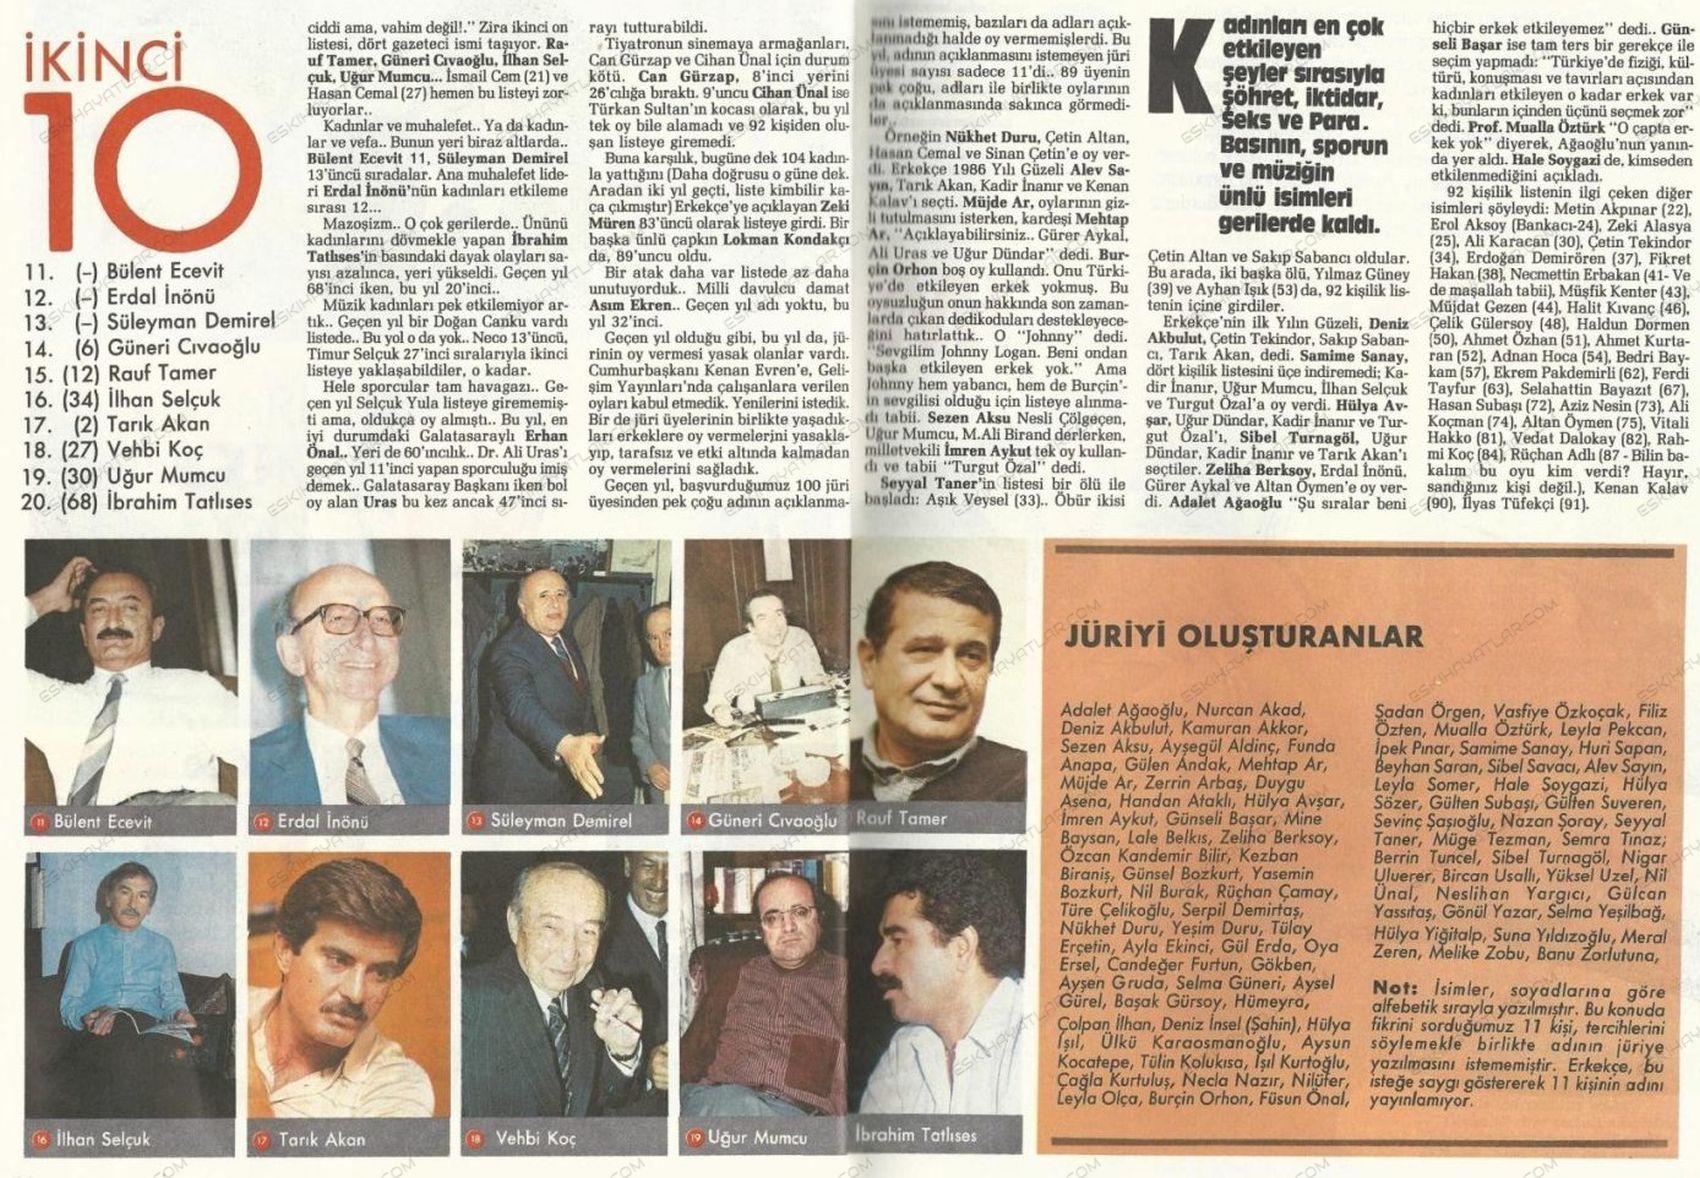 0395-kadinlari-etkileyen-on-erkek-1986-yilinda-turkiye-erkekce-dergisi (2)